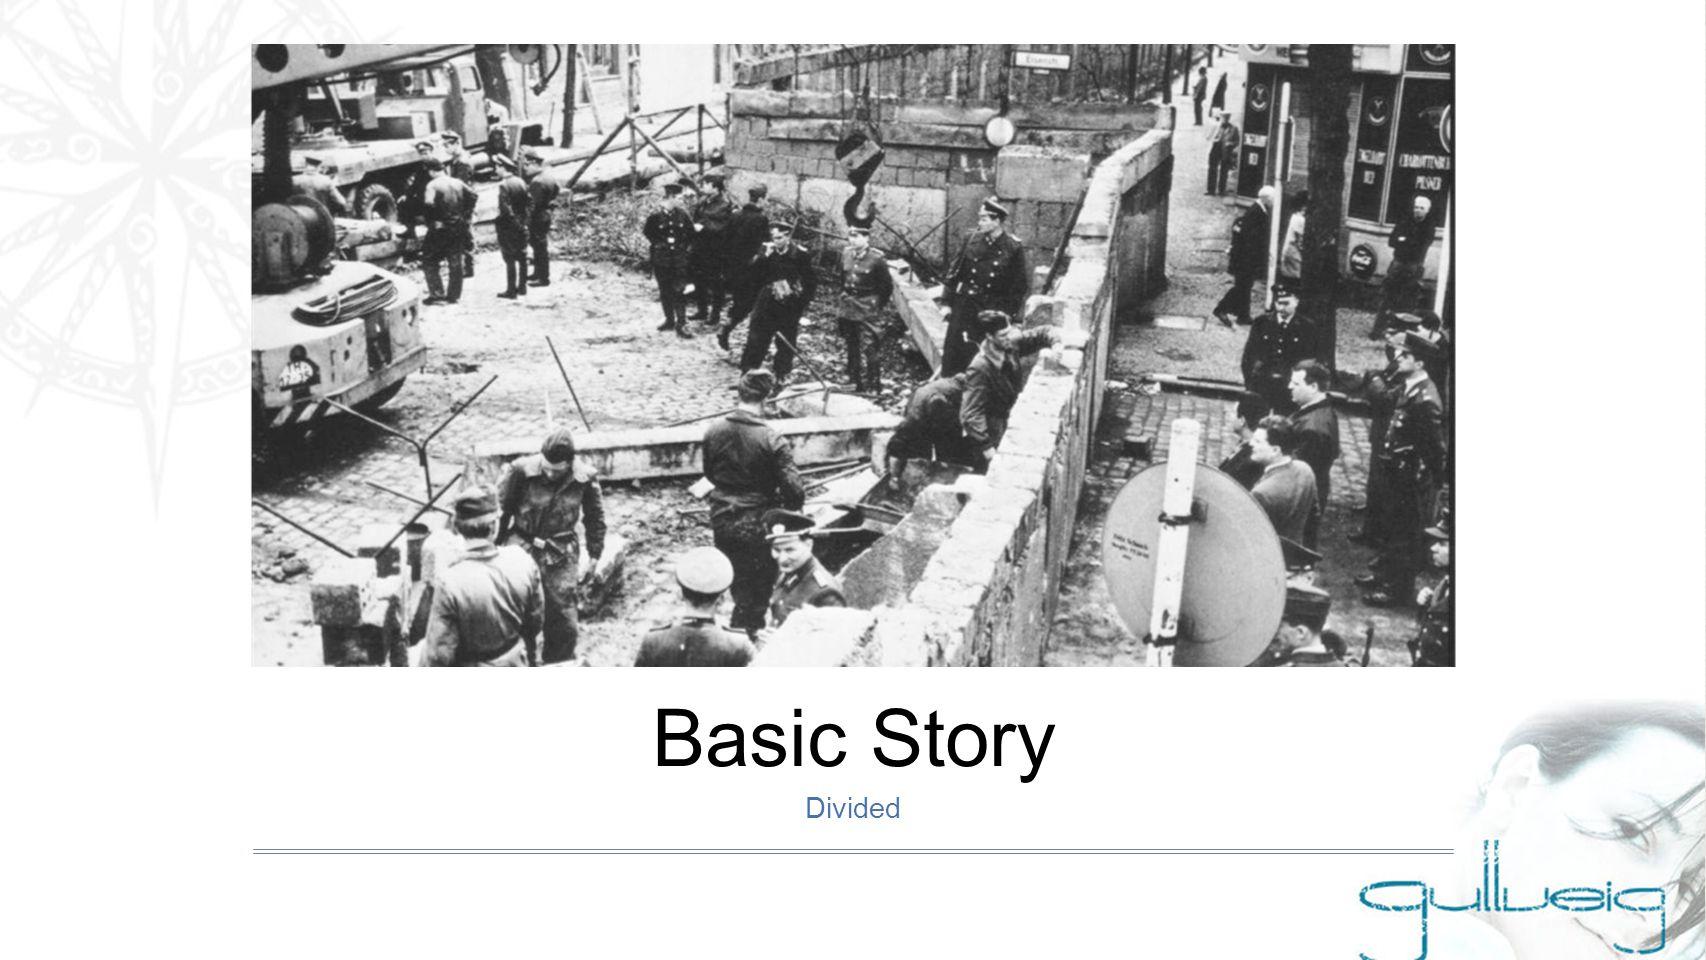 Basic Story Divided